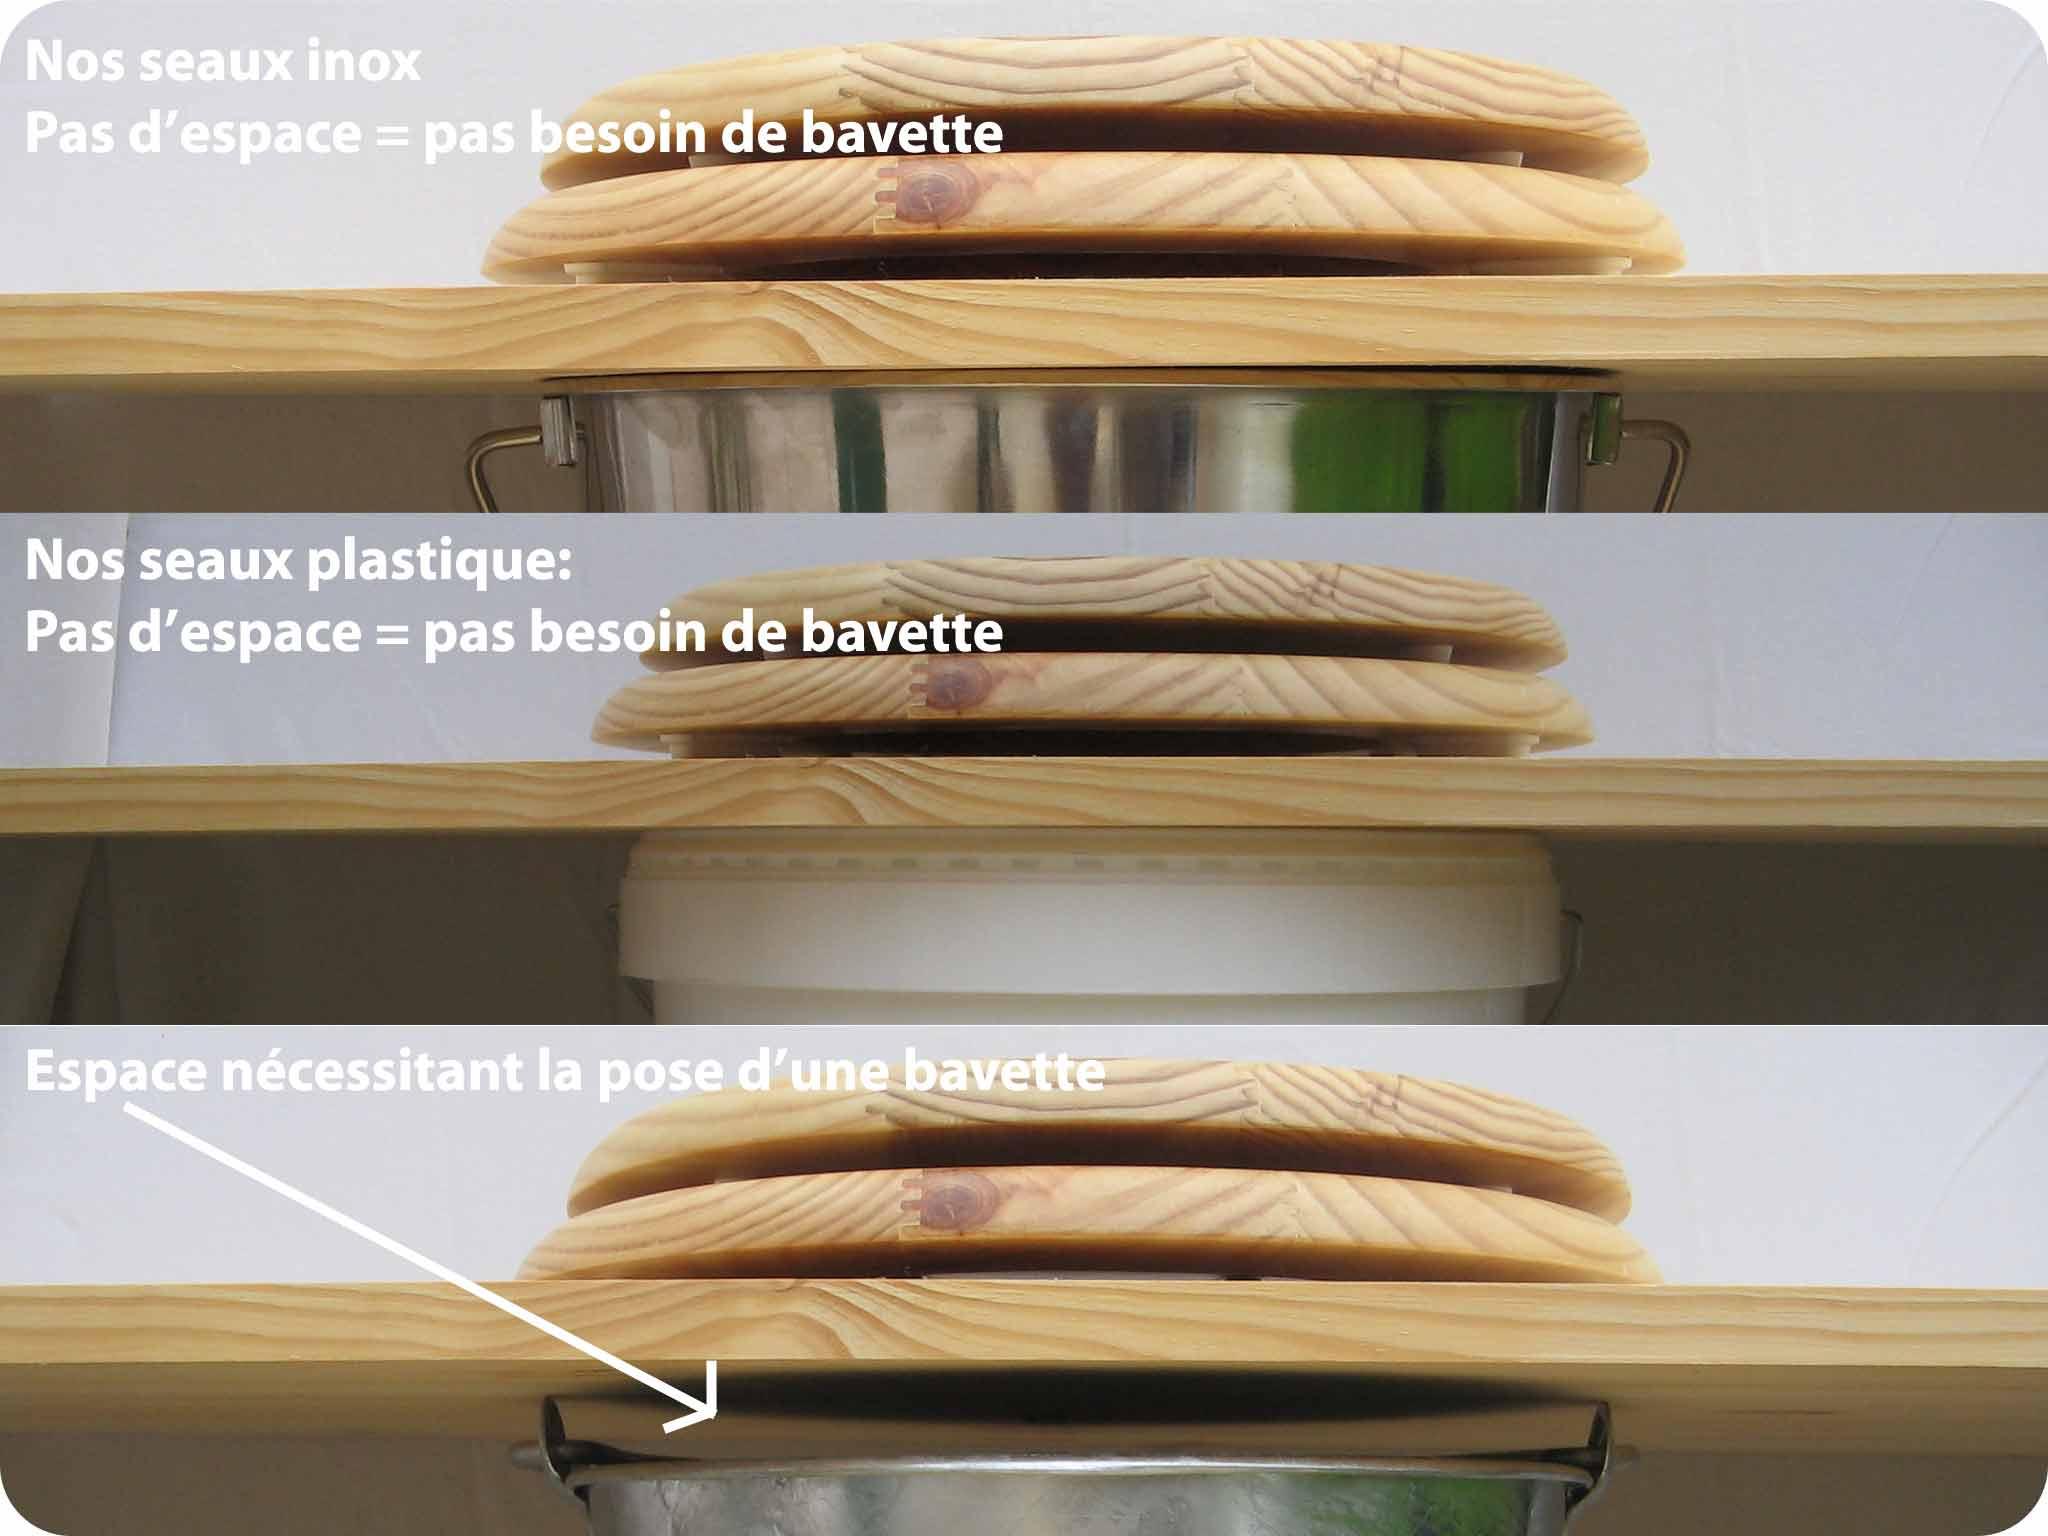 seau pour toilettes s ches seau toilette seche. Black Bedroom Furniture Sets. Home Design Ideas